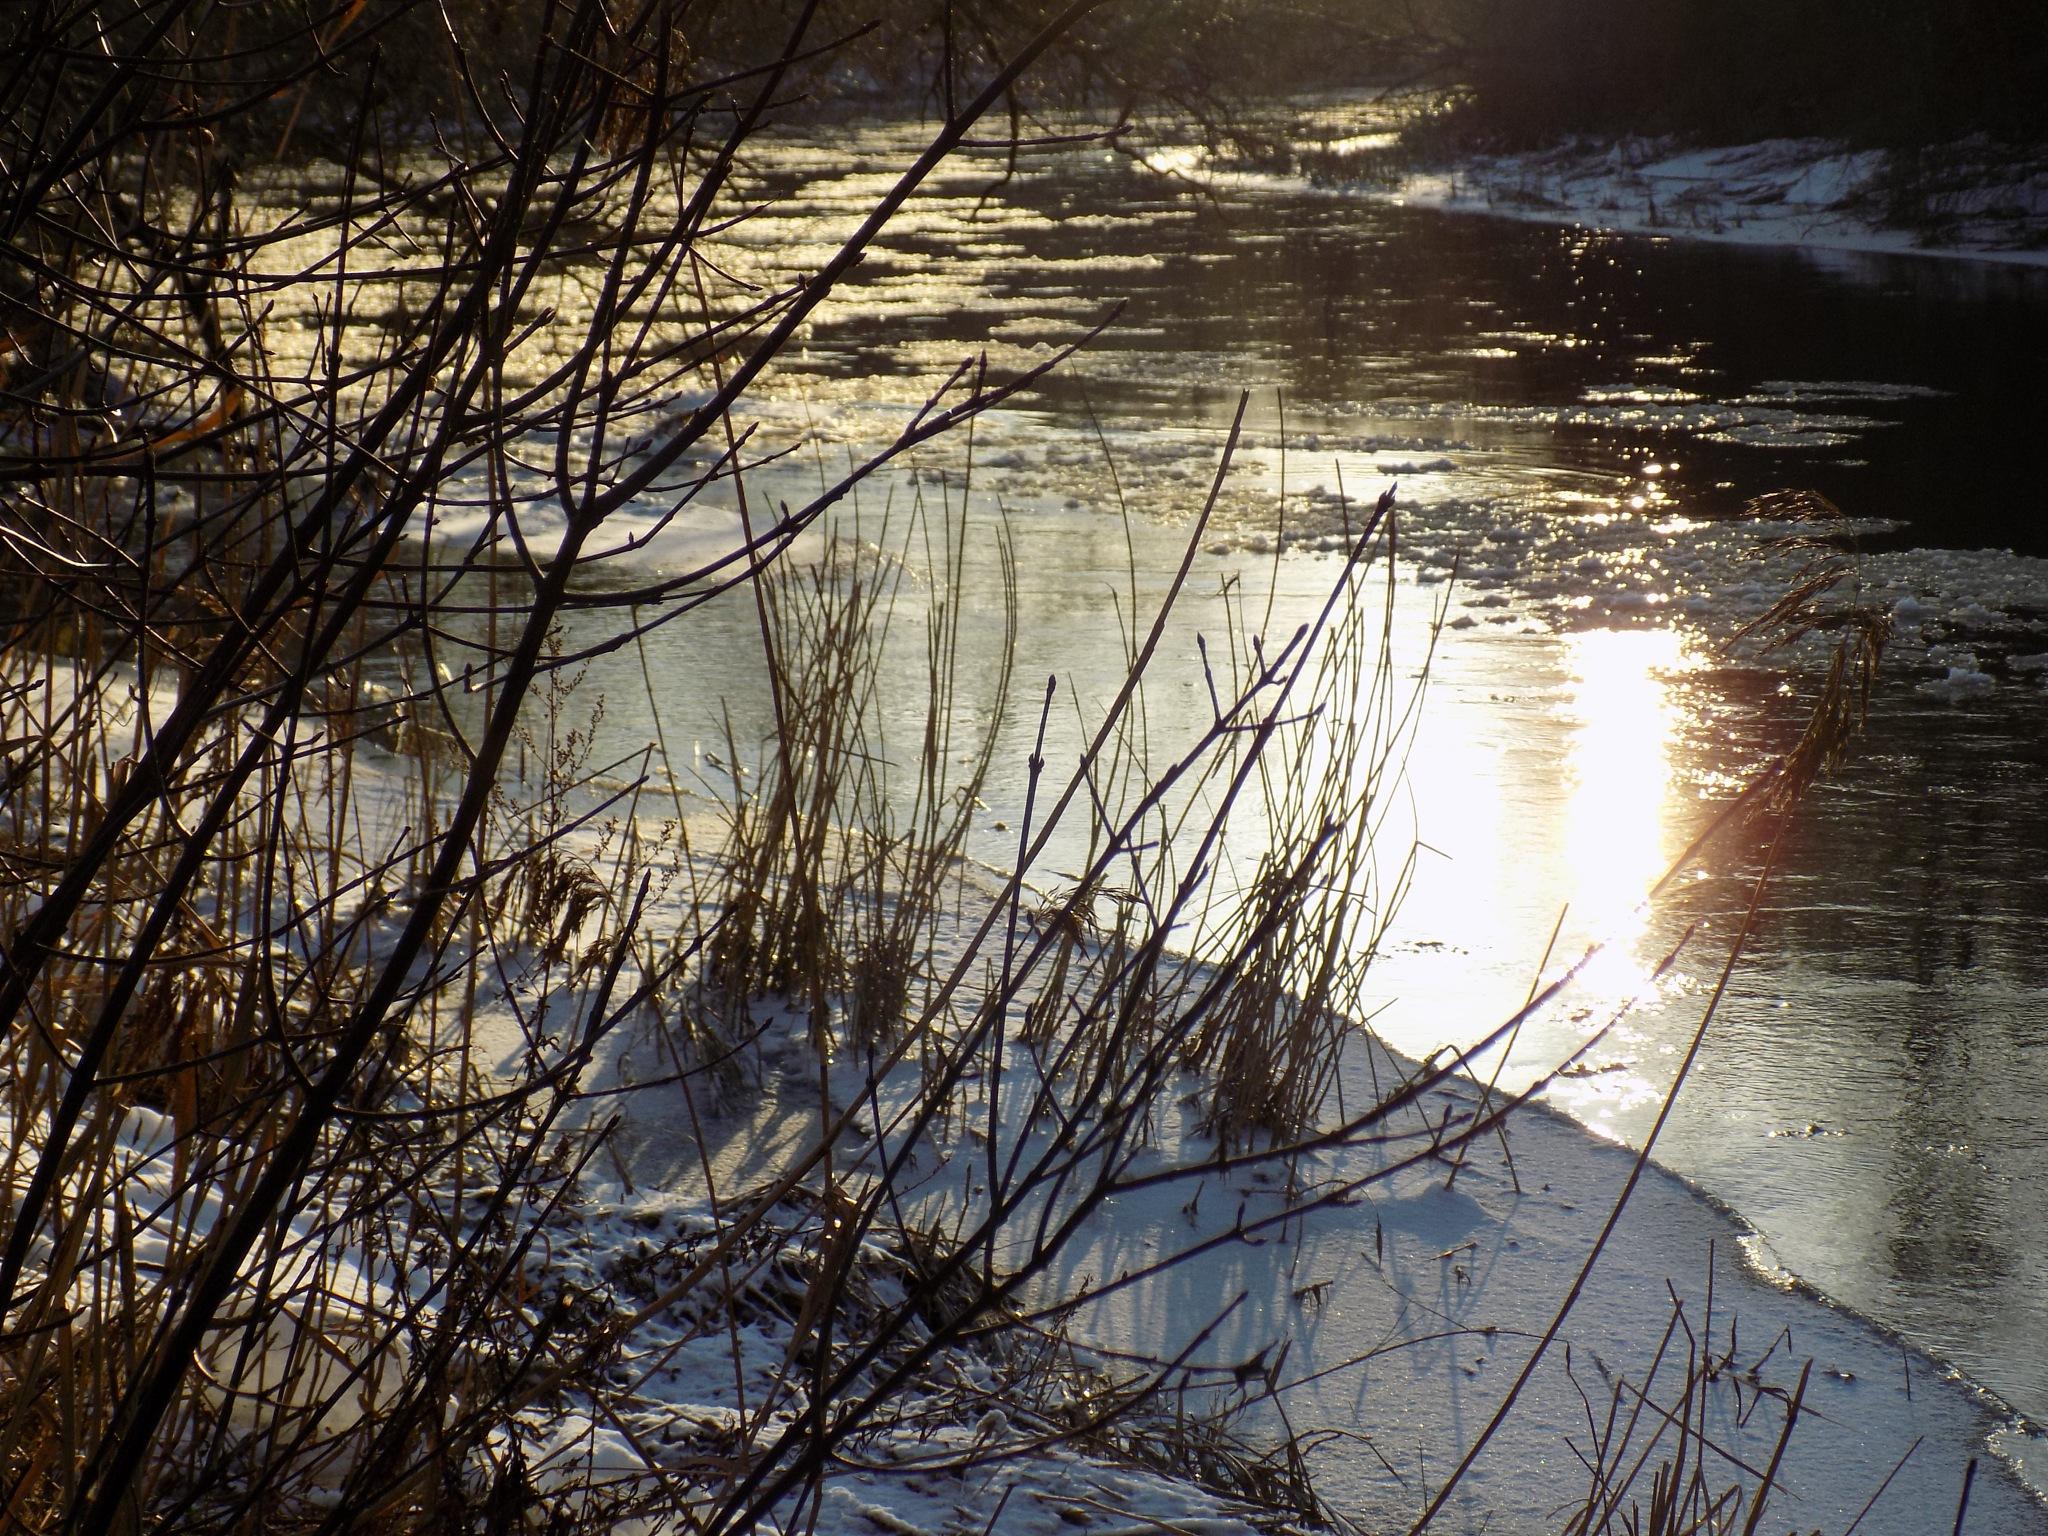 Winter wvening by uzkuraitiene62